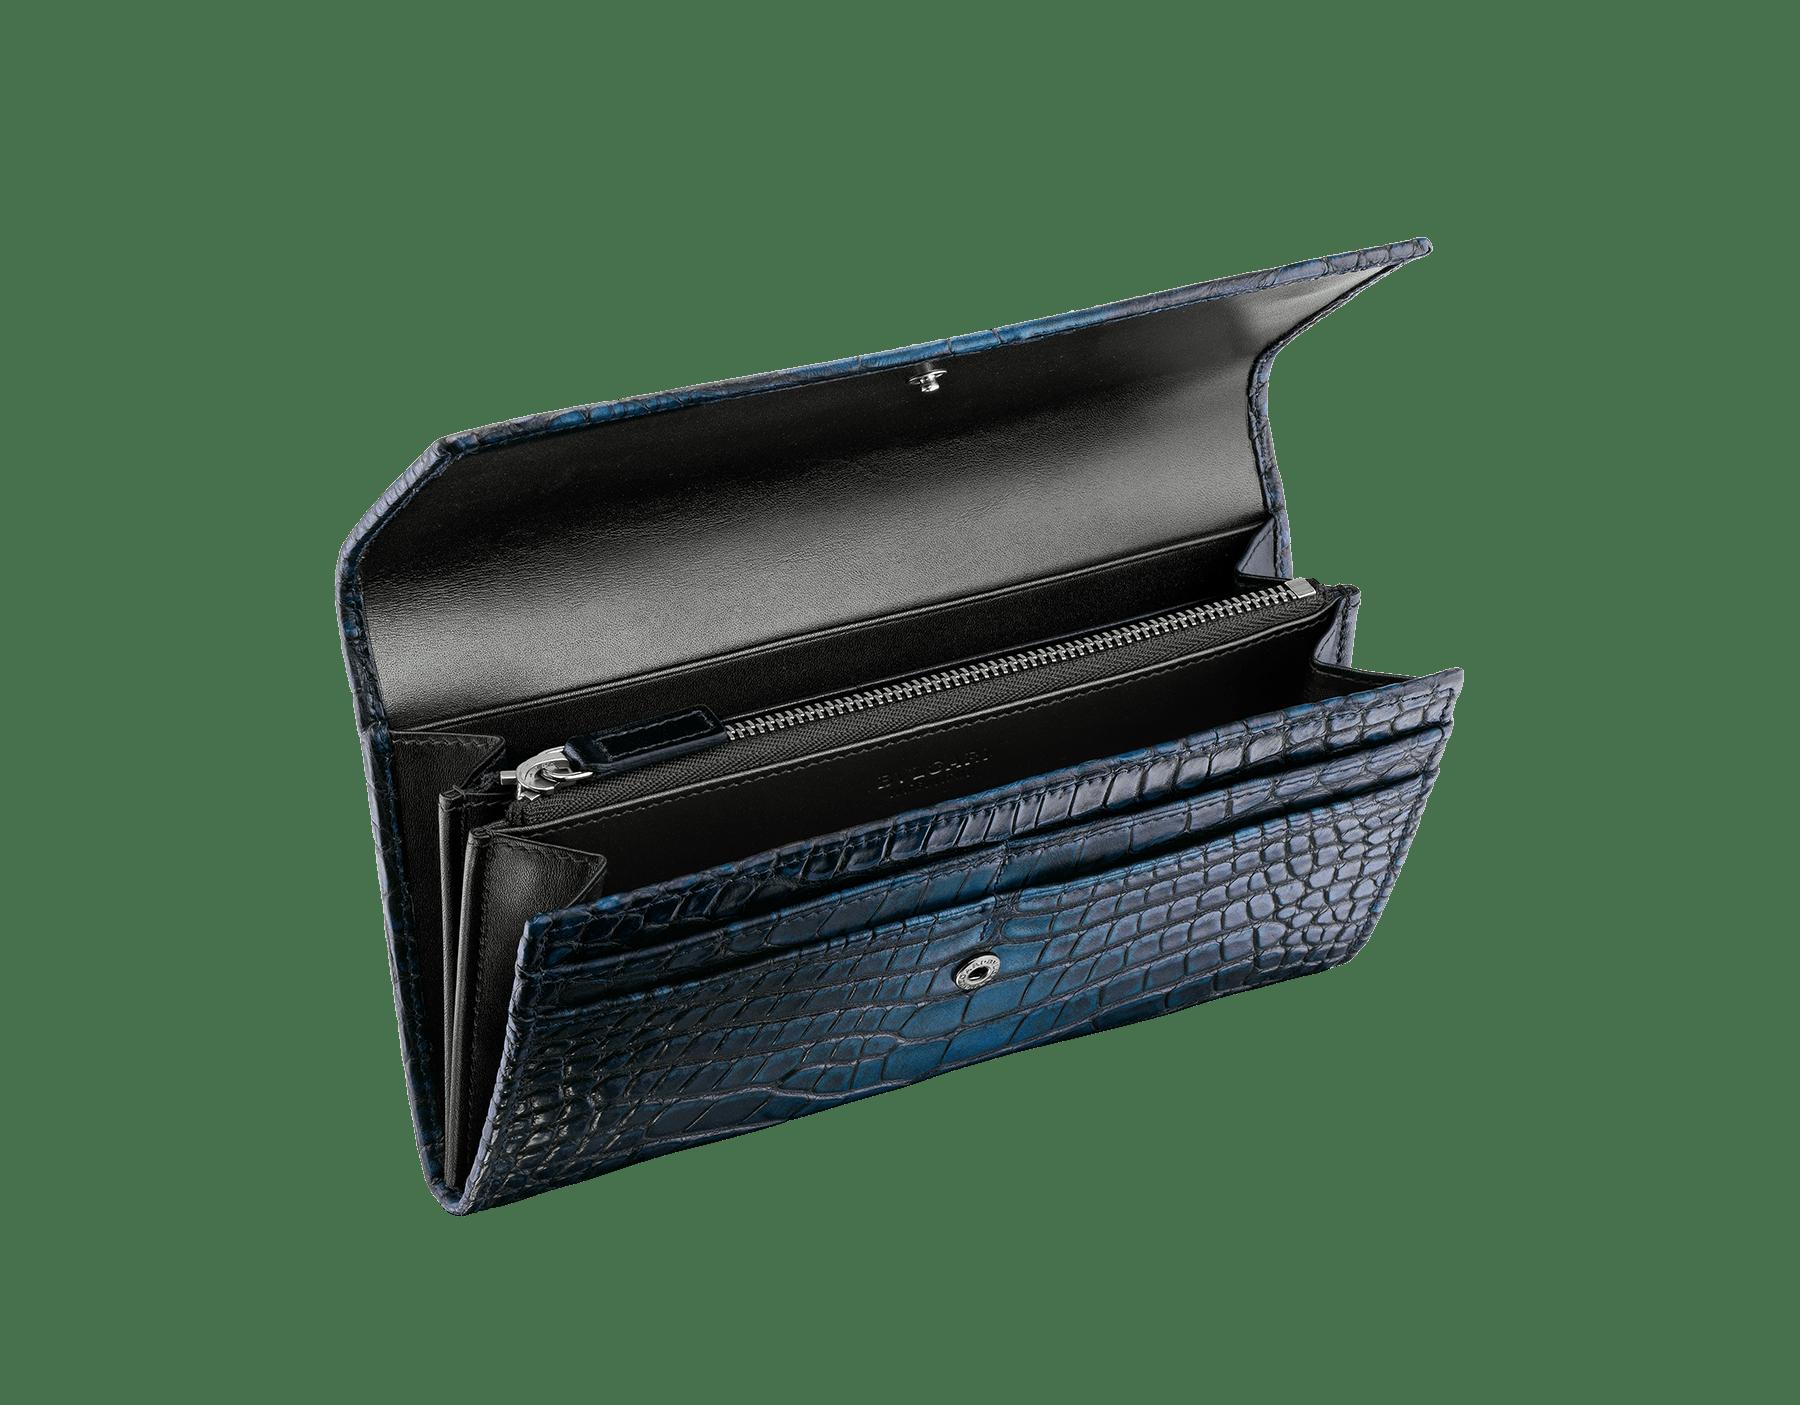 叢林綠鱷魚皮及黑色光滑小牛皮男用手挽皮夾,Bulgari-Bulgari 深色鍍釕黃銅配飾。 BBM-WLT-POC-10C-HE image 2